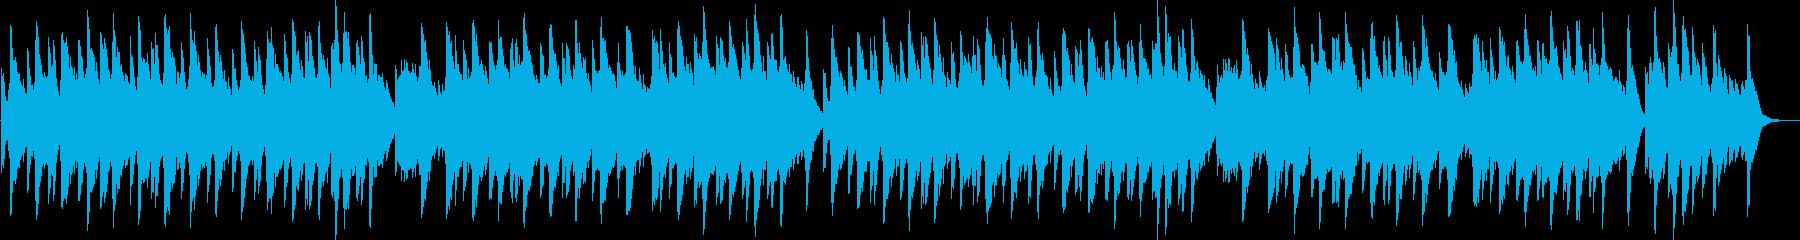 グリーンス・リーブス(オルゴール)の再生済みの波形